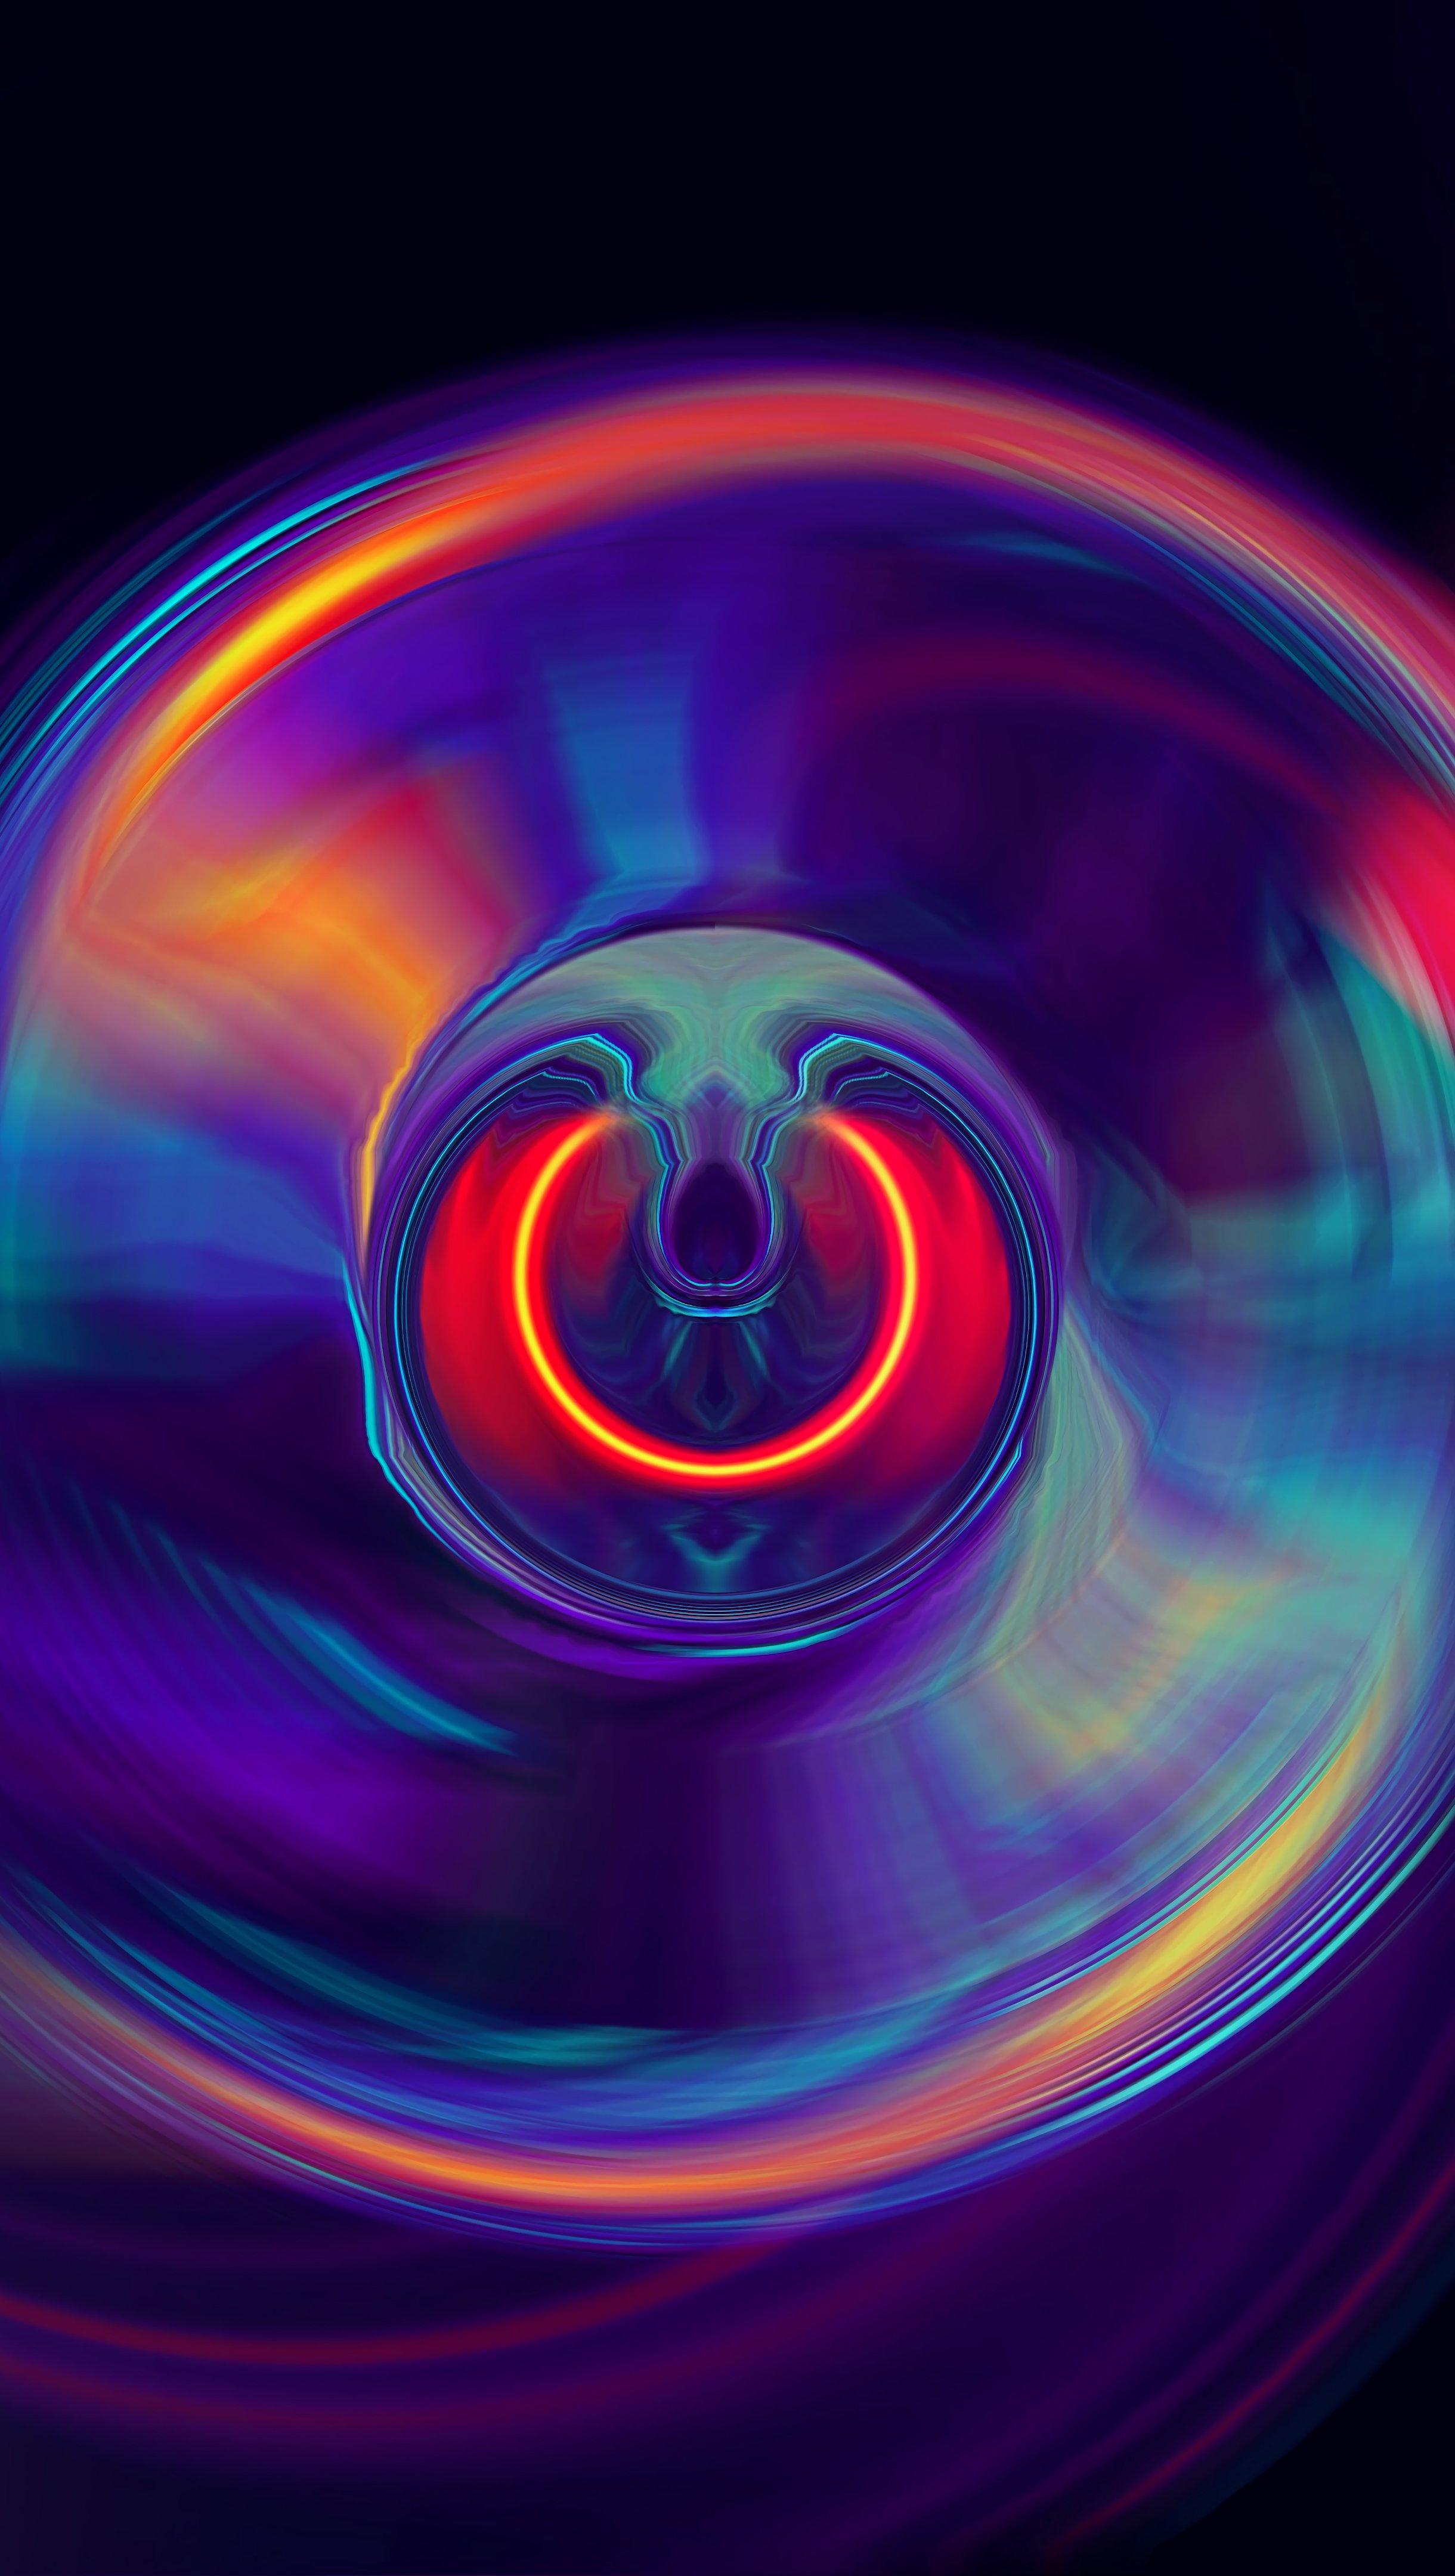 Fondos de pantalla Lente abstracto Vertical